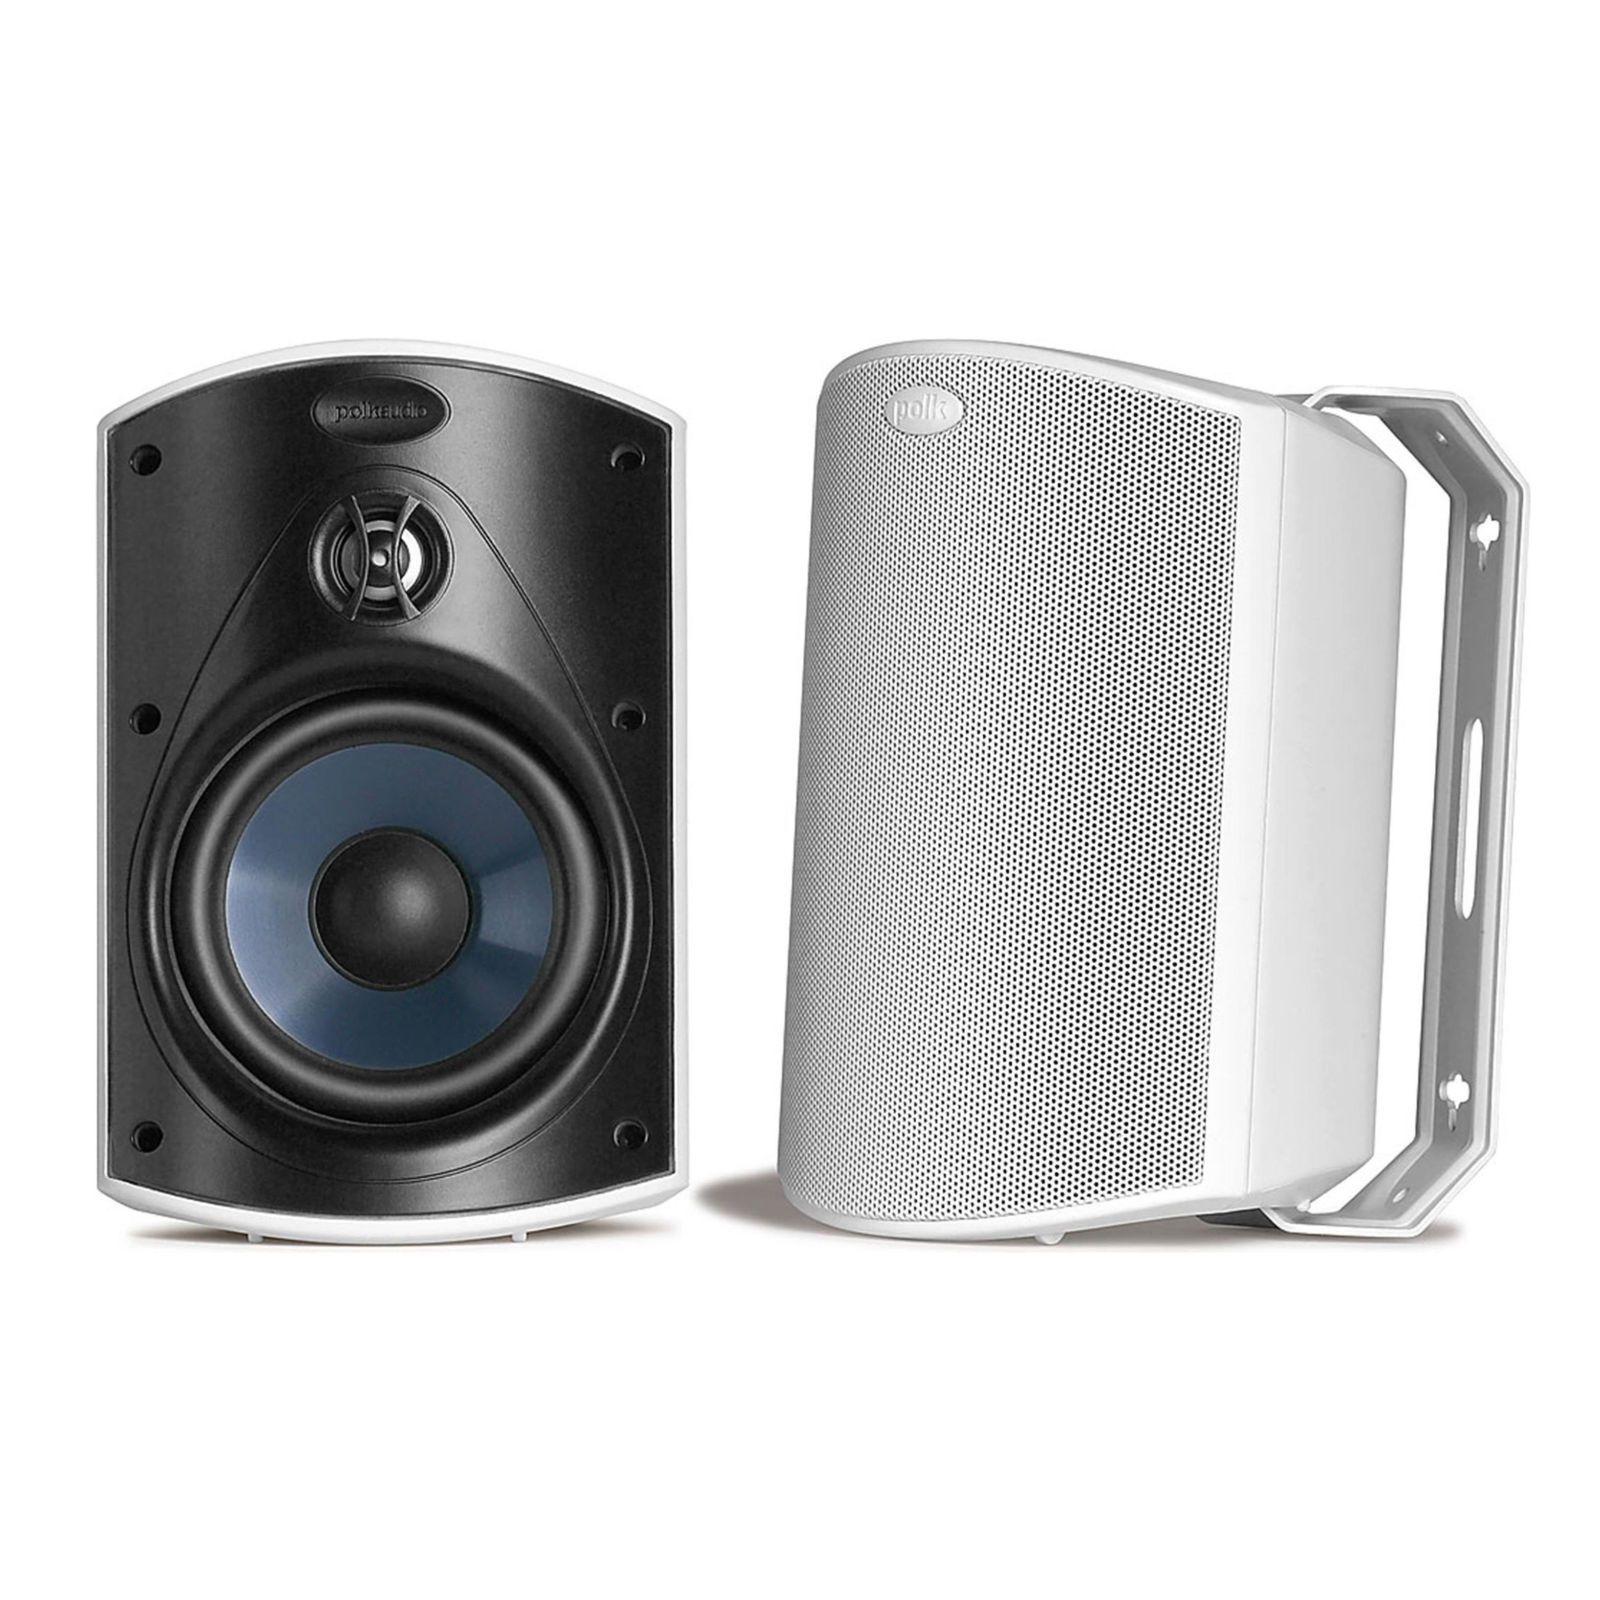 The Best Outdoor Speakers for Your Garden or Patio